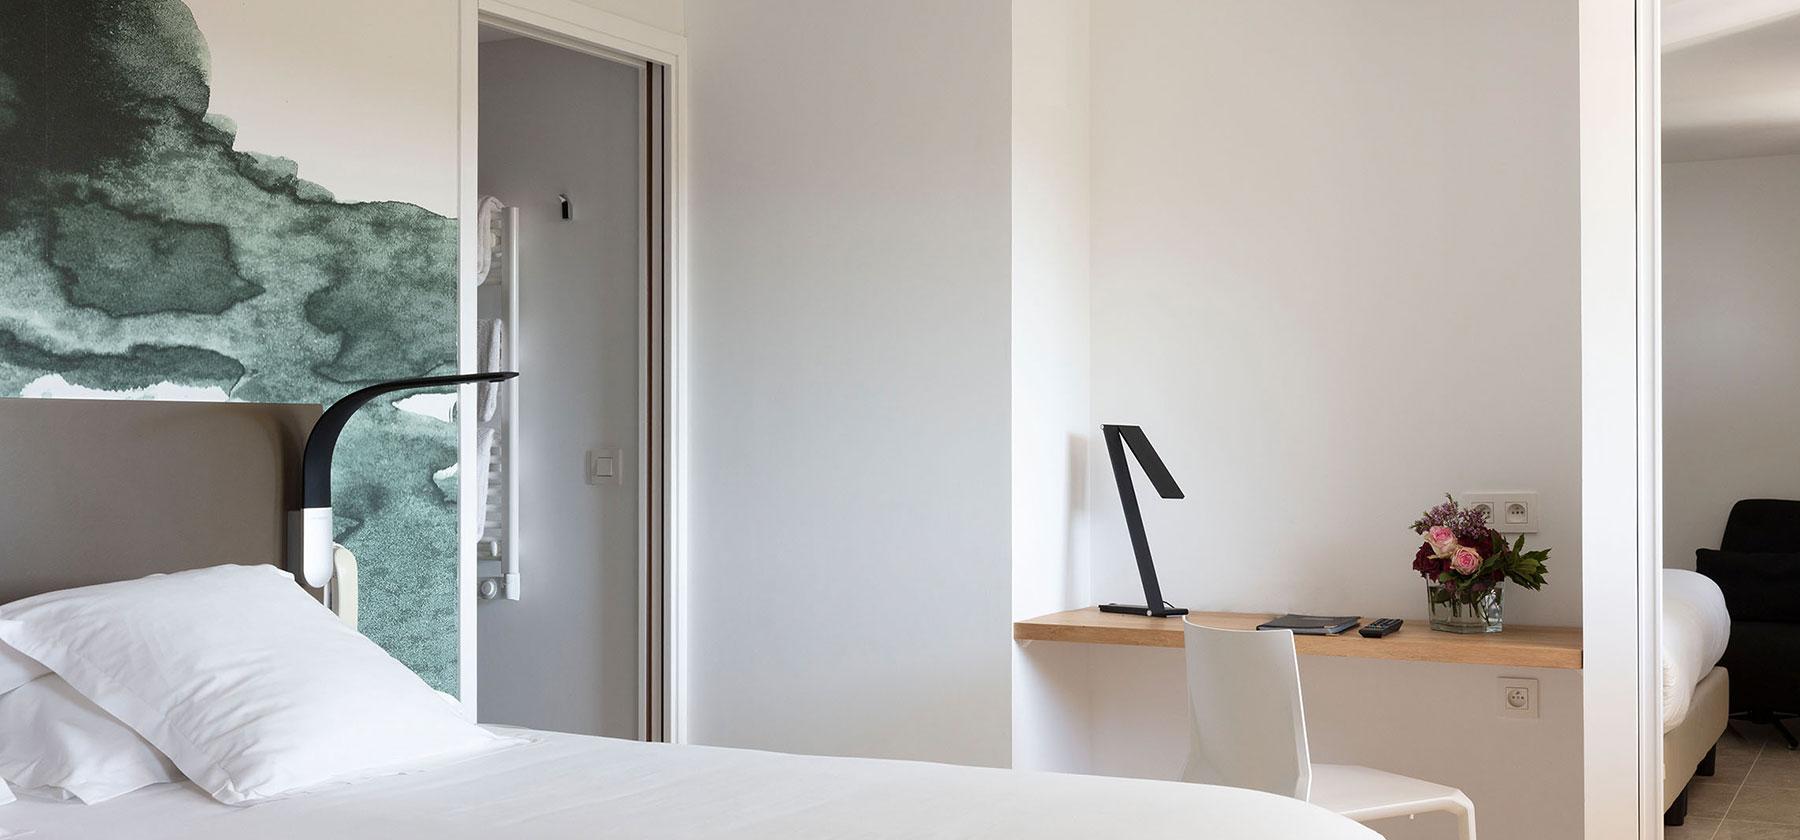 chambre-deluxe-hotel-design-corse-porto-vecchio